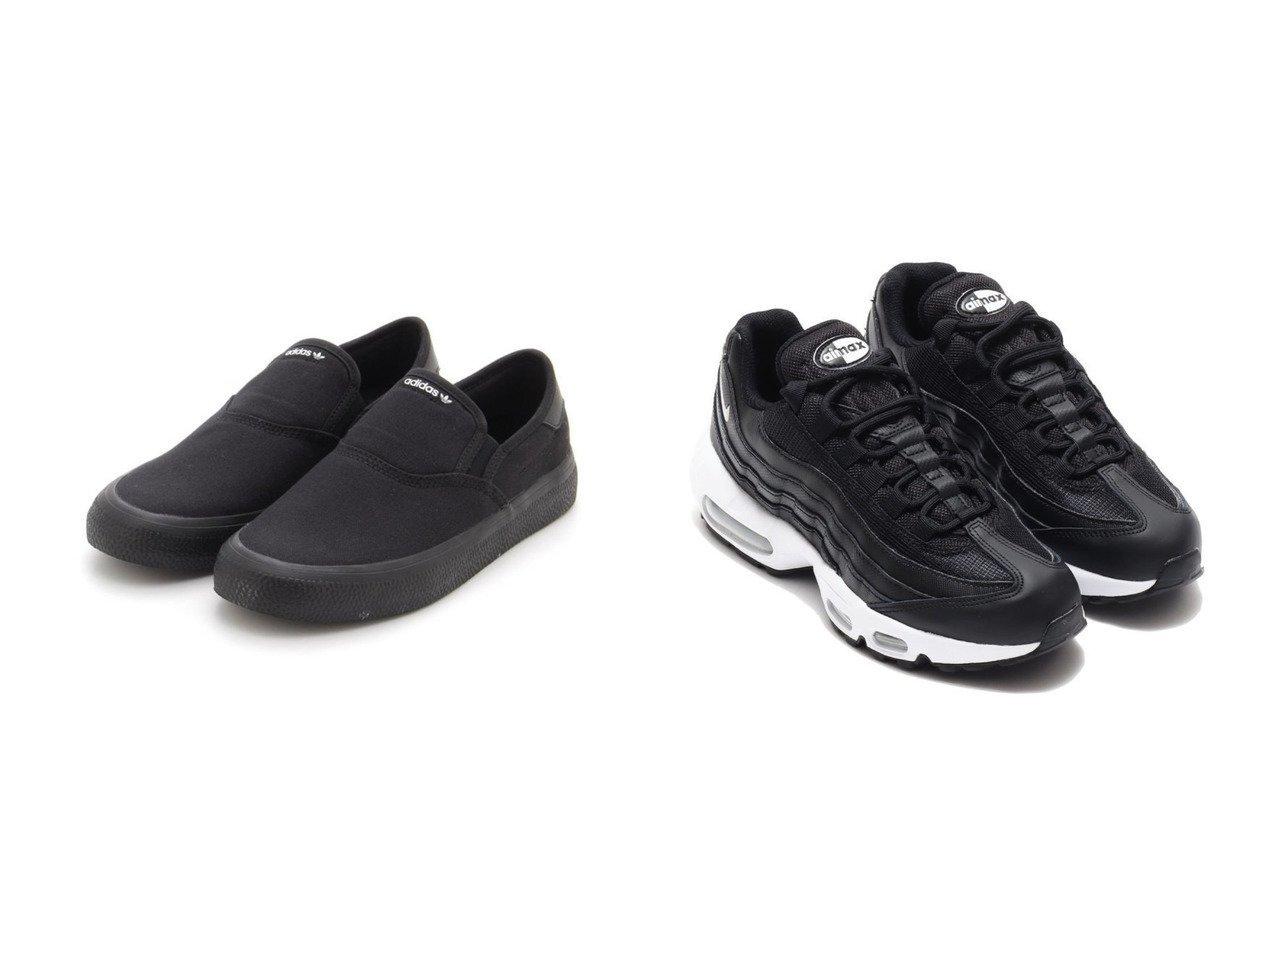 【NIKE/ナイキ】のNIKE W AIR MAX 95&【emmi/エミ】の【adidas Originals】3MC SLIP シューズ・靴のおすすめ!人気、トレンド・レディースファッションの通販 おすすめで人気の流行・トレンド、ファッションの通販商品 メンズファッション・キッズファッション・インテリア・家具・レディースファッション・服の通販 founy(ファニー) https://founy.com/ ファッション Fashion レディースファッション WOMEN シューズ シンプル スニーカー スリッポン ランニング  ID:crp329100000012972